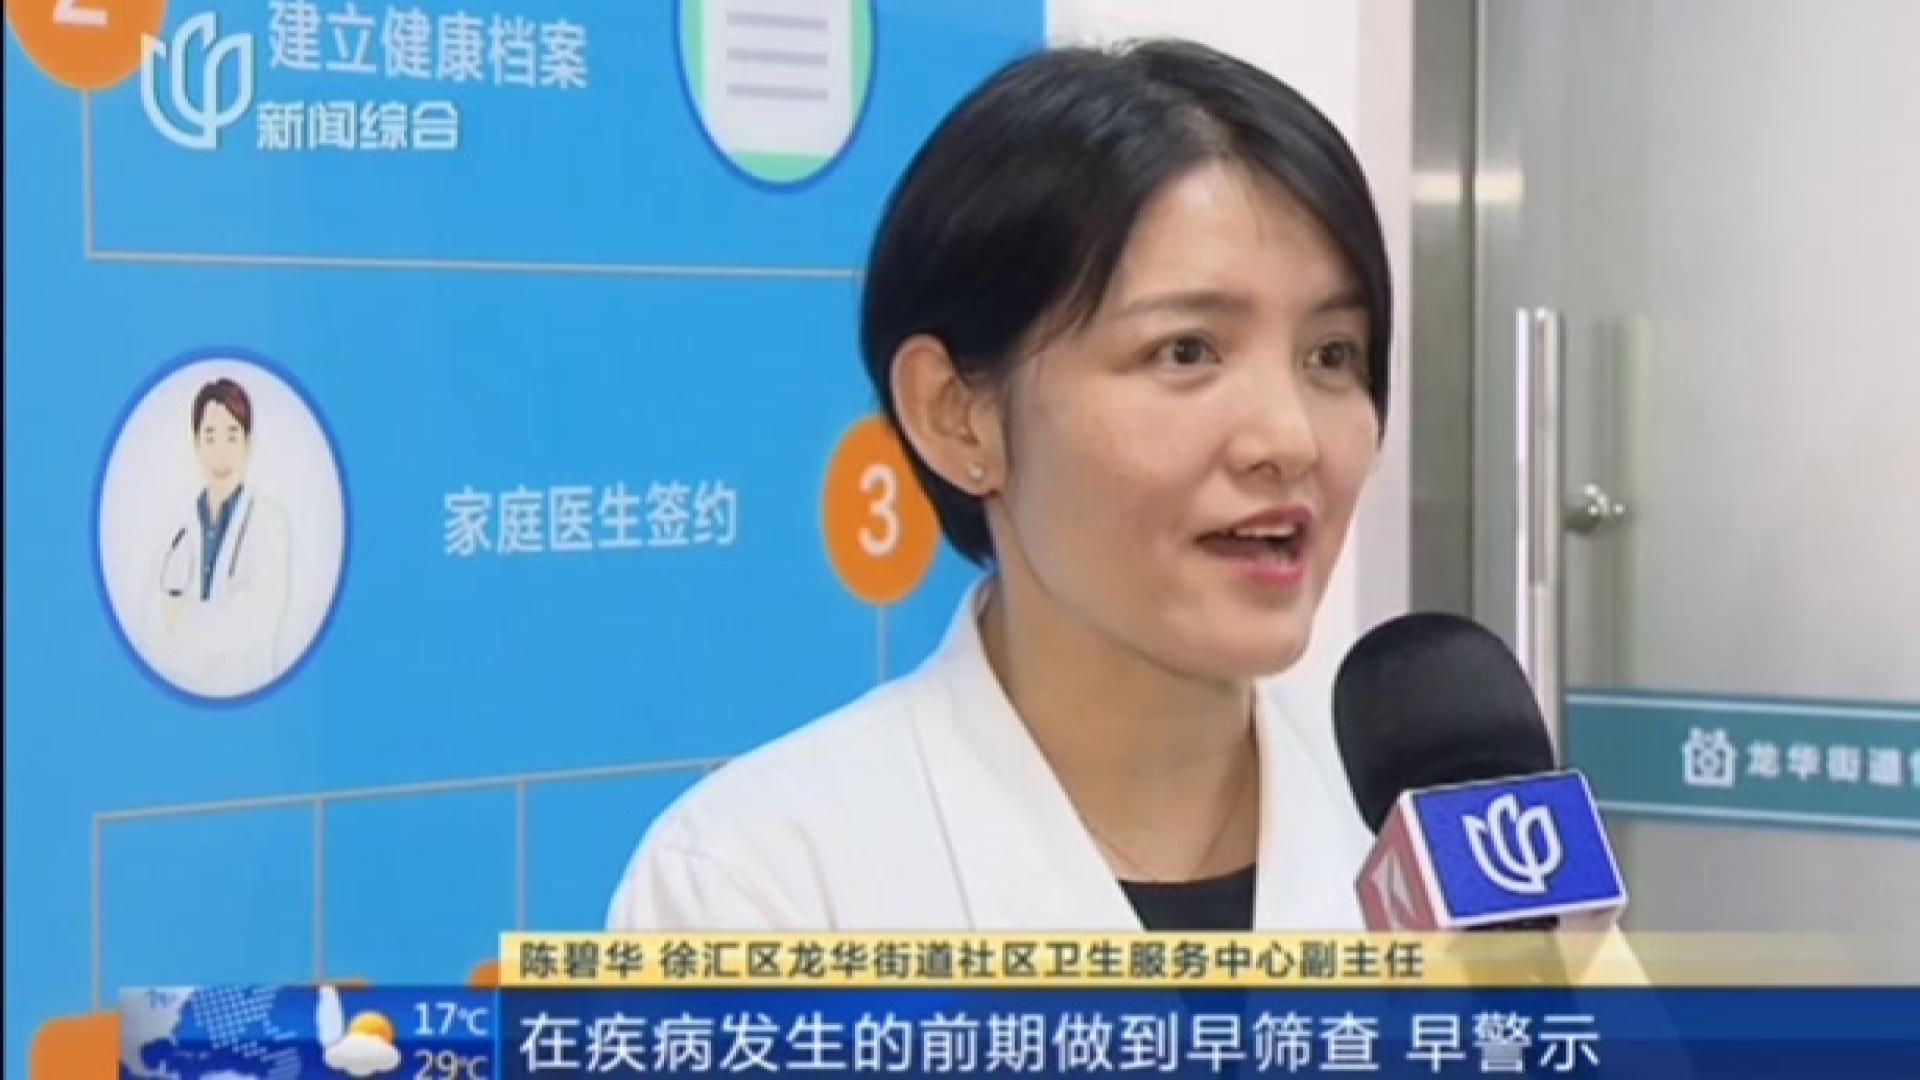 """打通各级医疗机构数据  """"上海健康云""""精细化升级"""